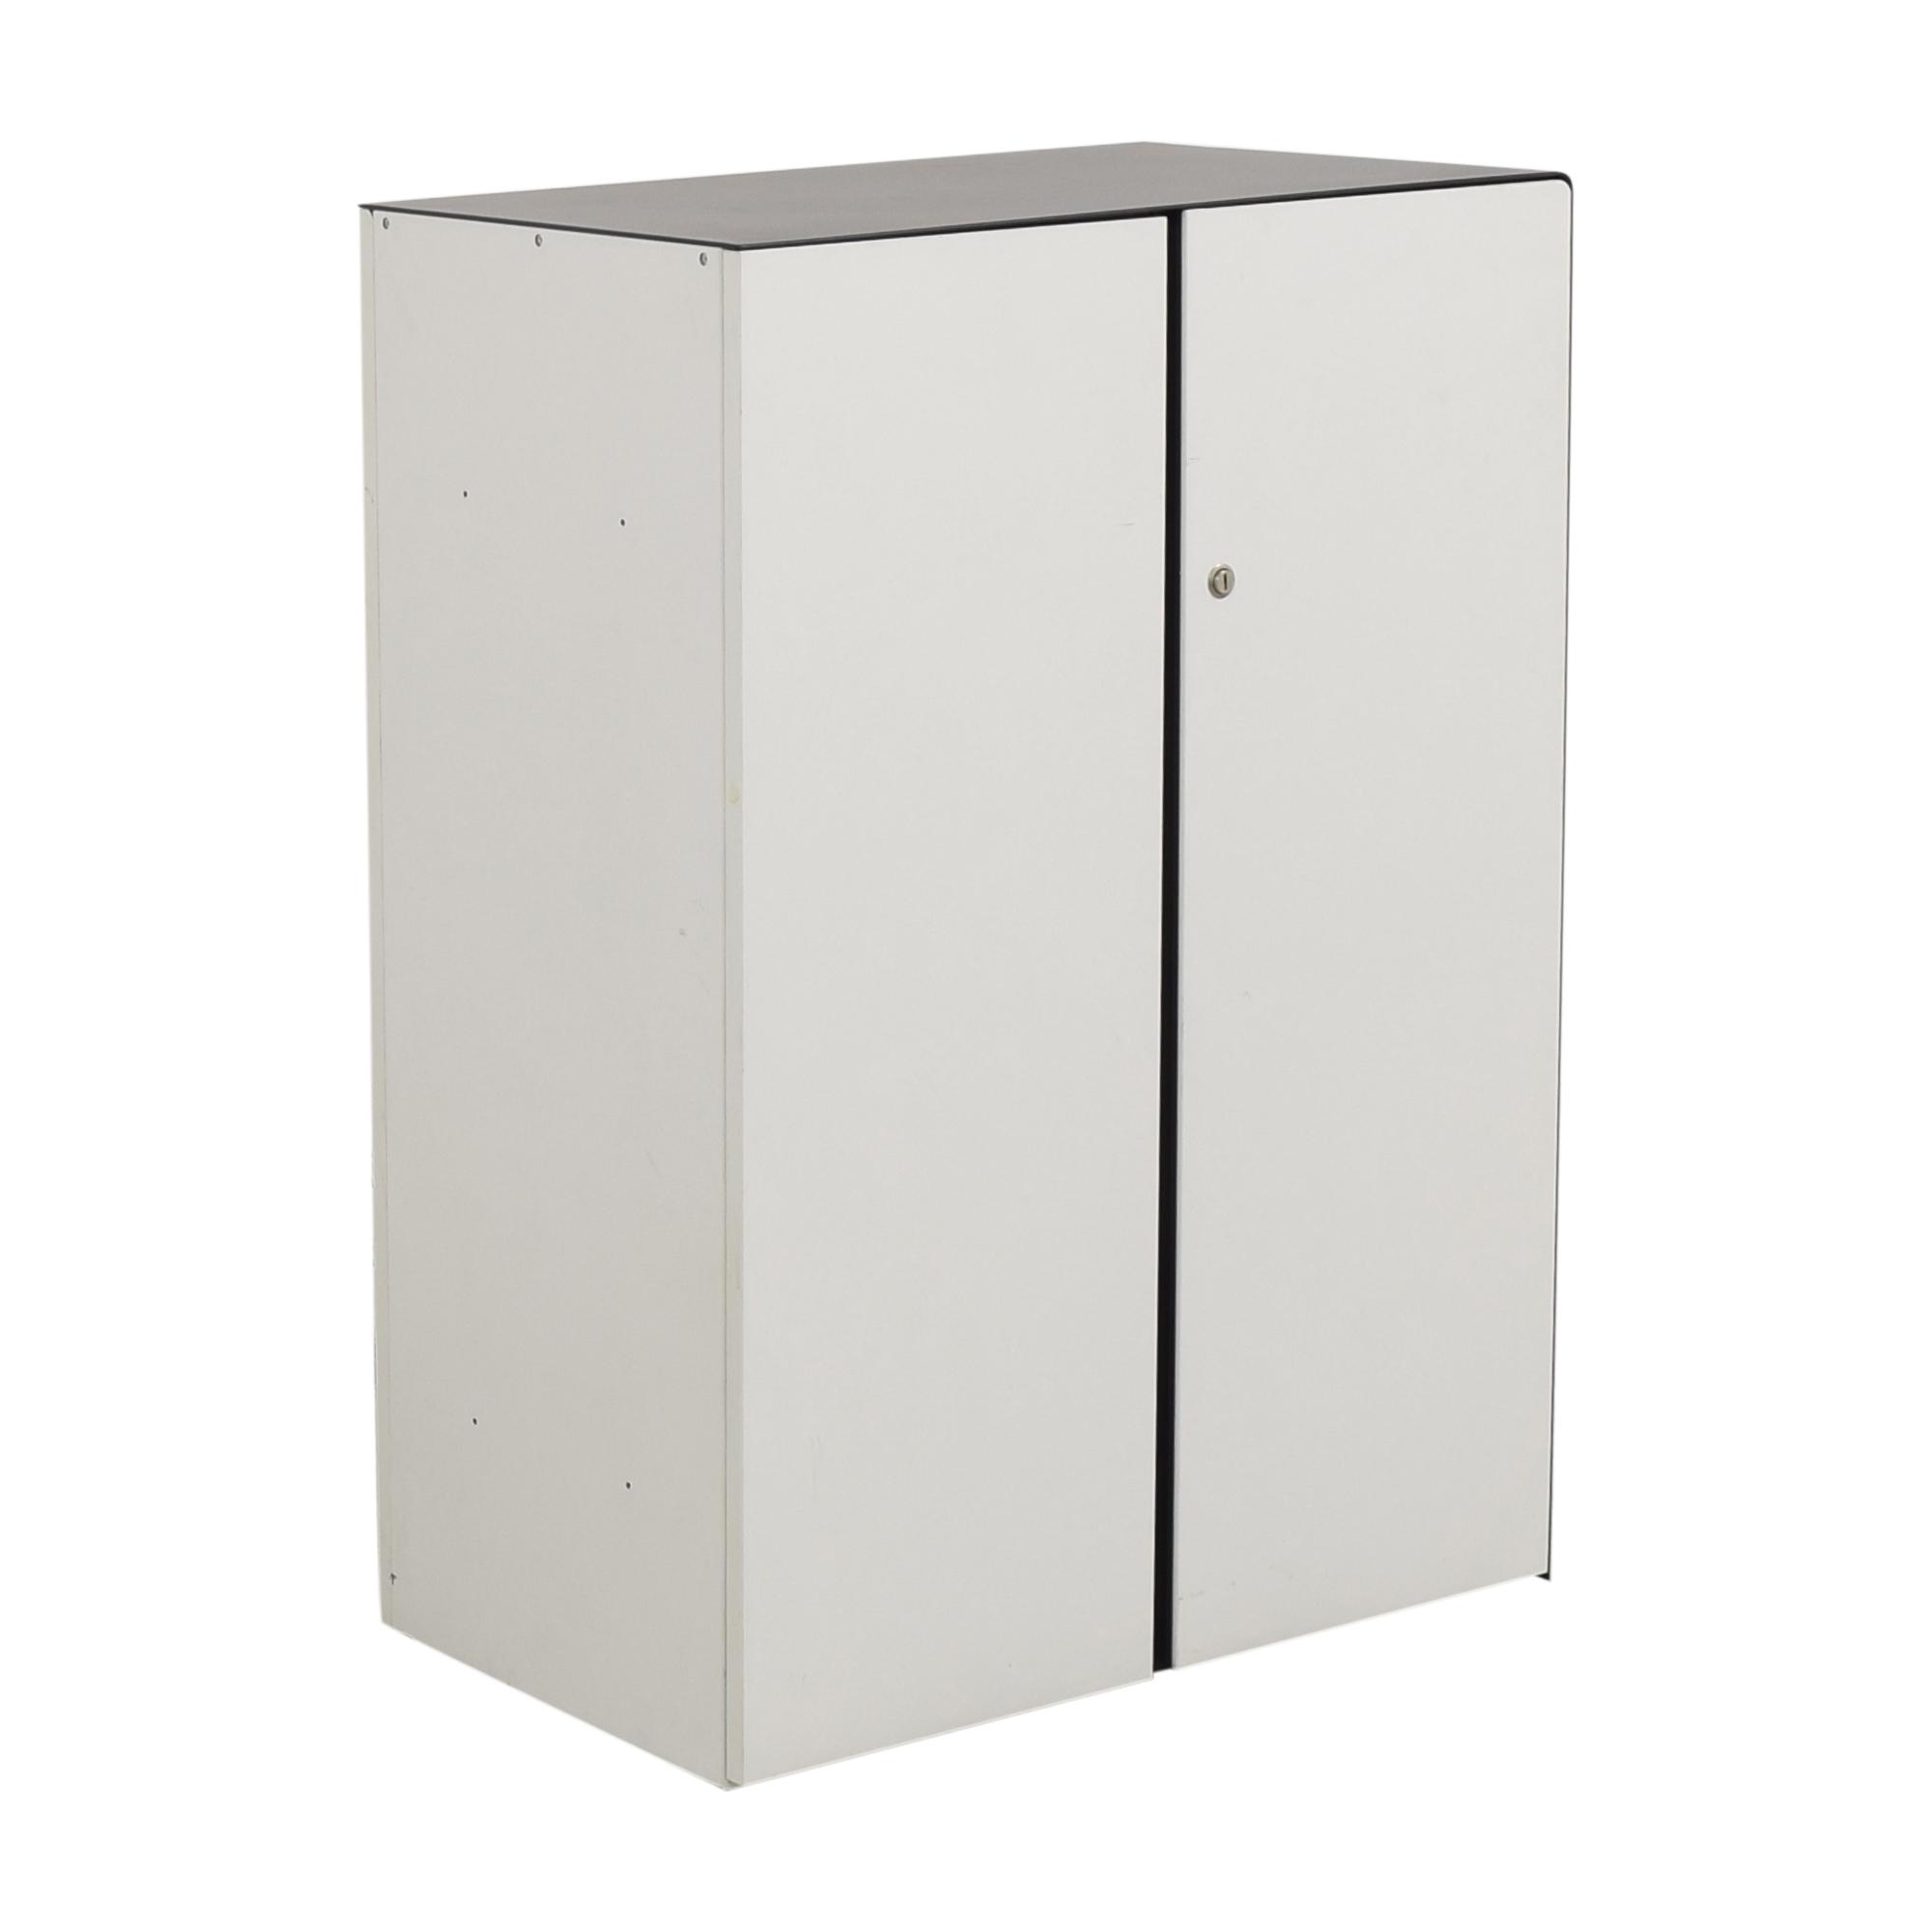 Koleksiyon Koleksiyon Song S2 Storage Cabinet price